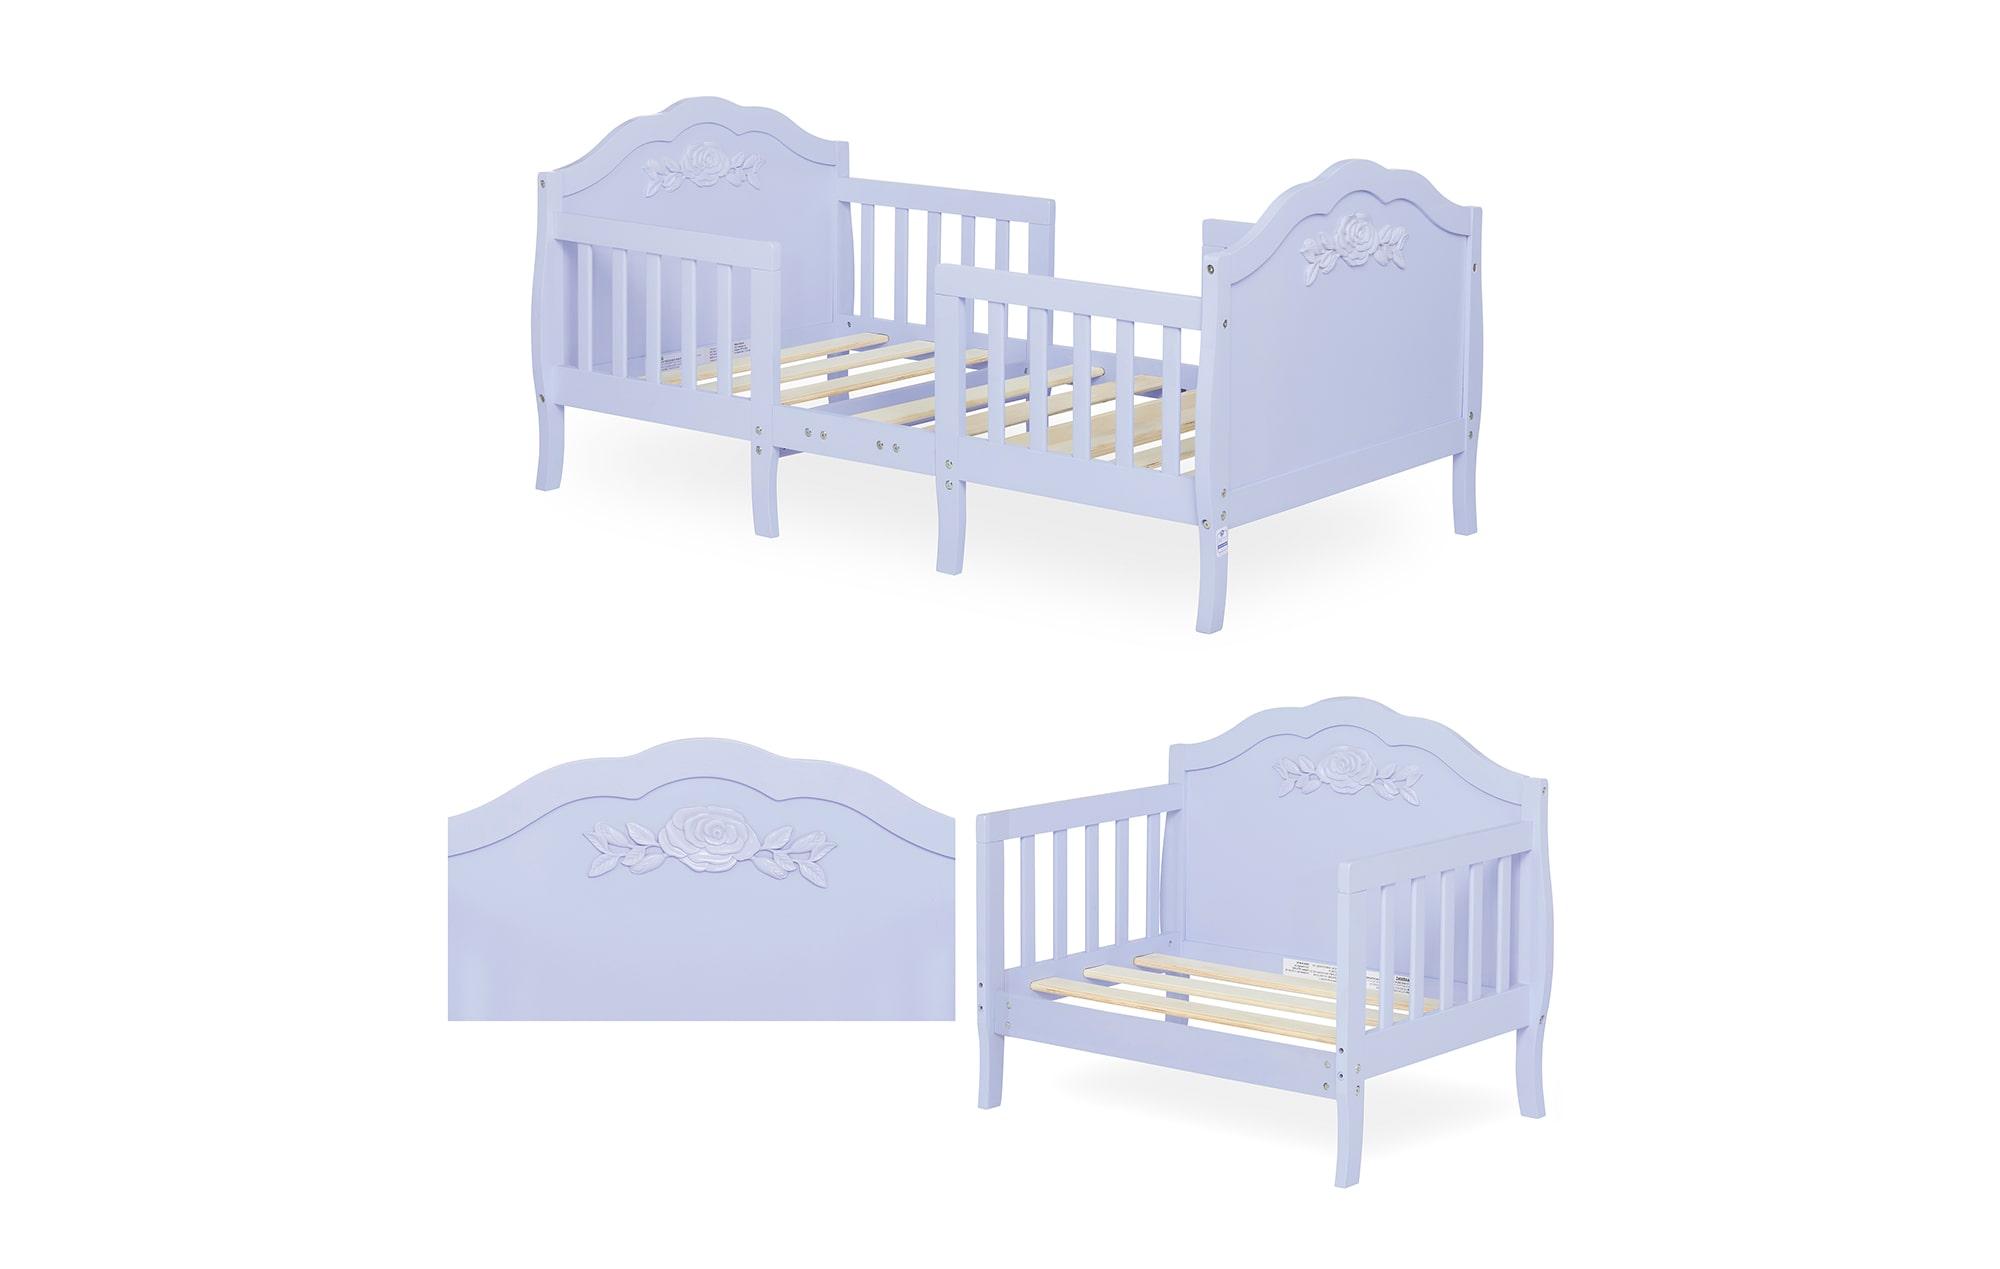 640_LAVD Rose Toddler Bed Collage 2